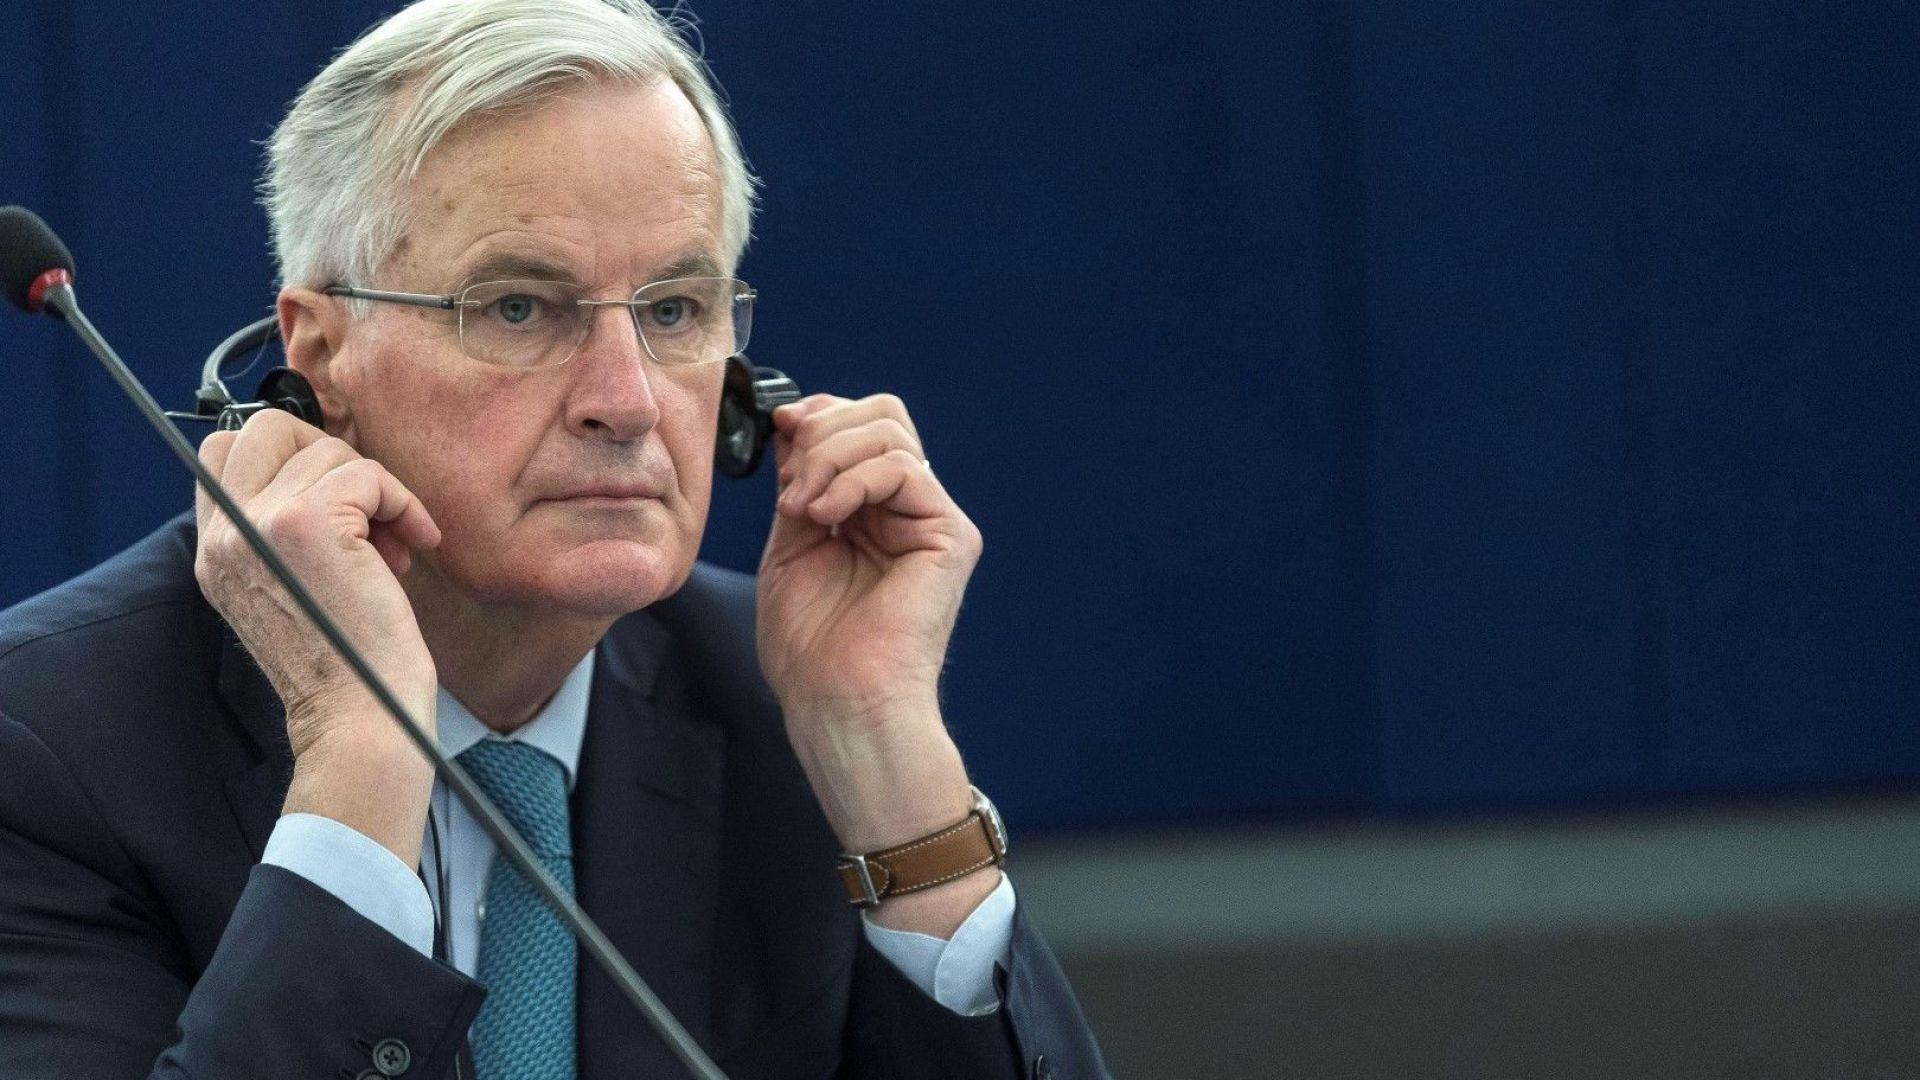 Ден първи след поражението: Европа се пита какво става с Великобритания и Брекзит